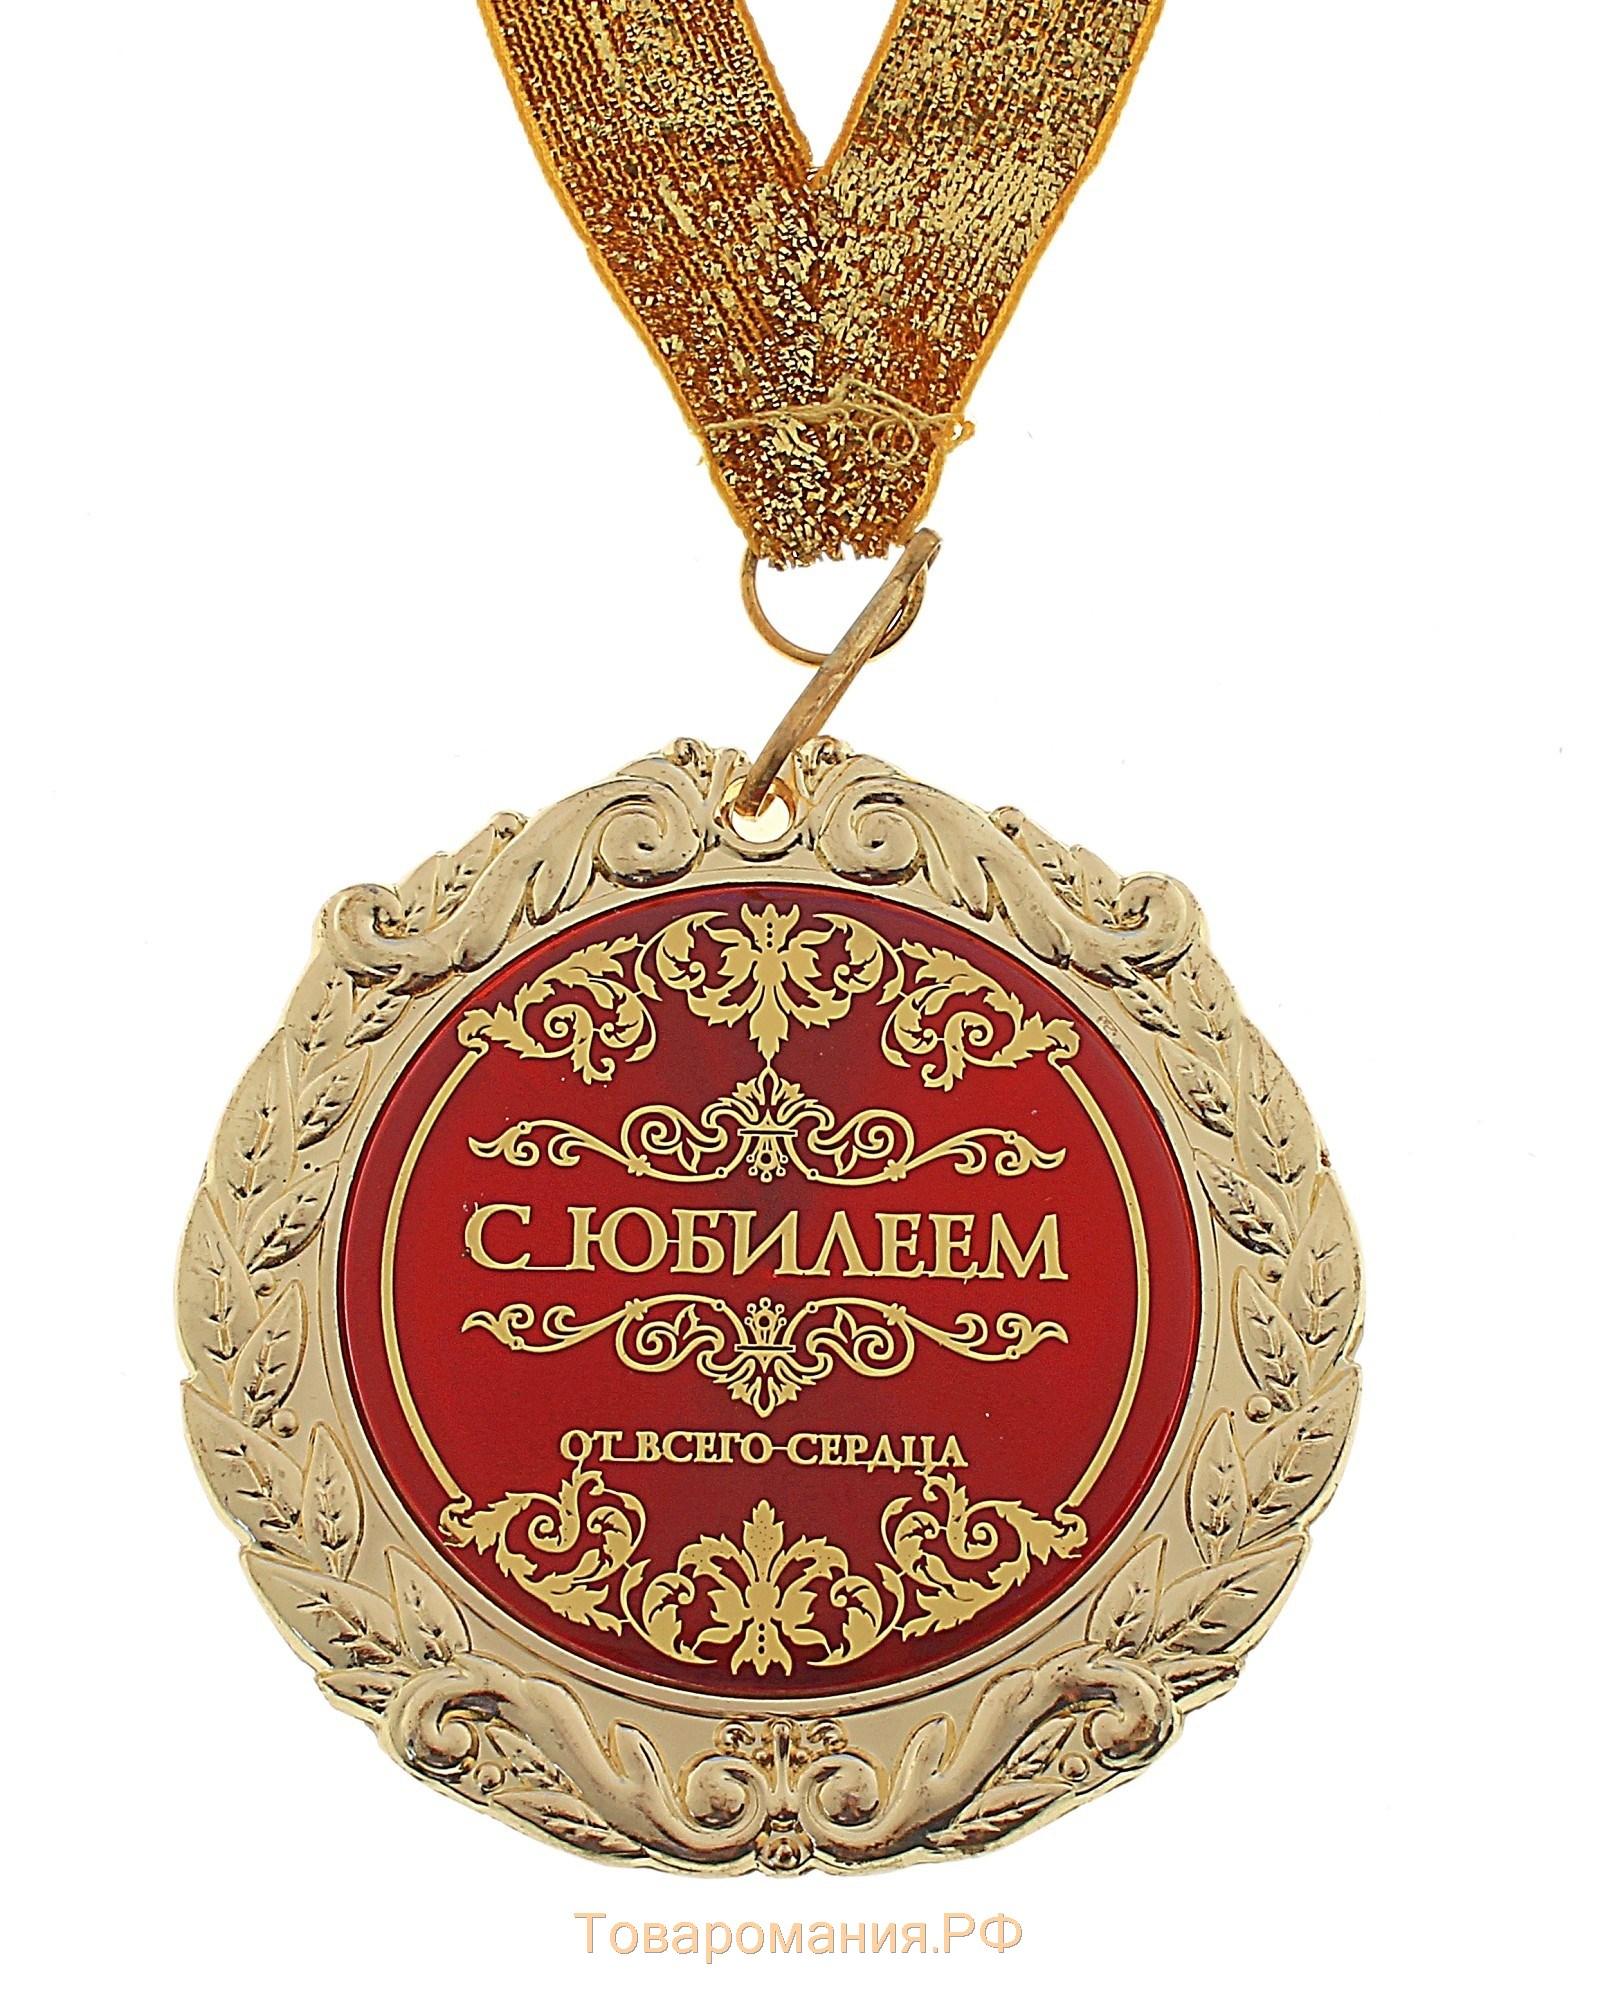 Медаль поздравление к юбилею